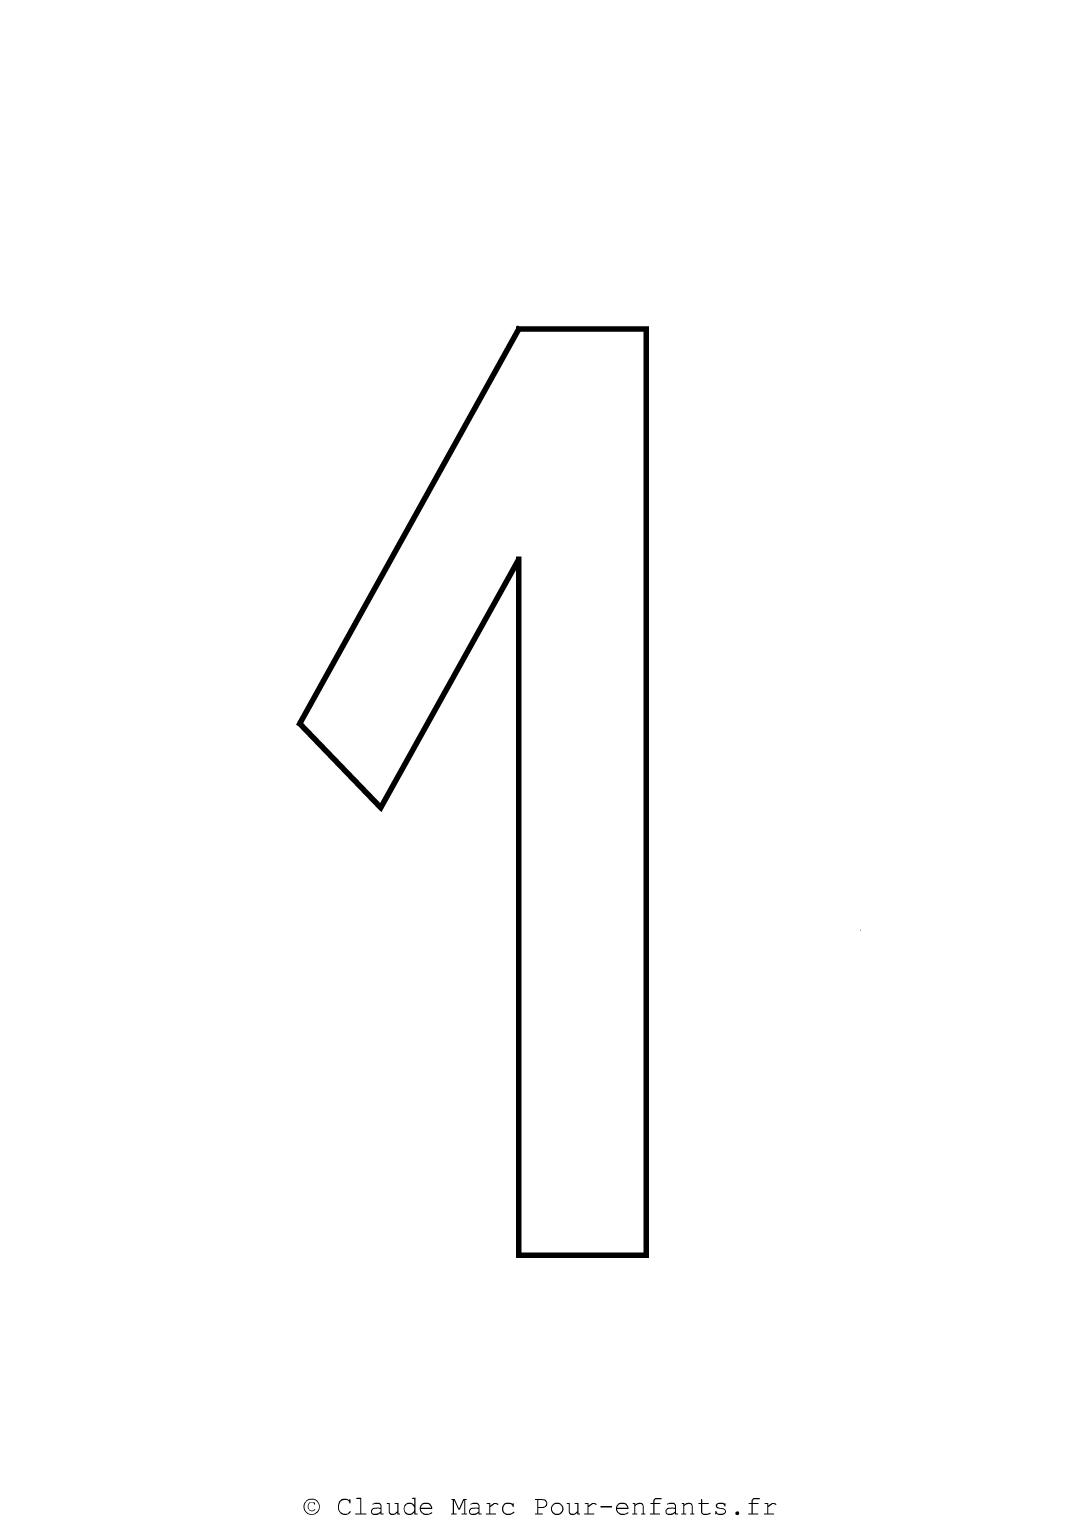 Imprimer grands chiffres en maternelle coloriage chiffre 1 un cahier fiches d activites - Chiffre a imprimer gratuit ...